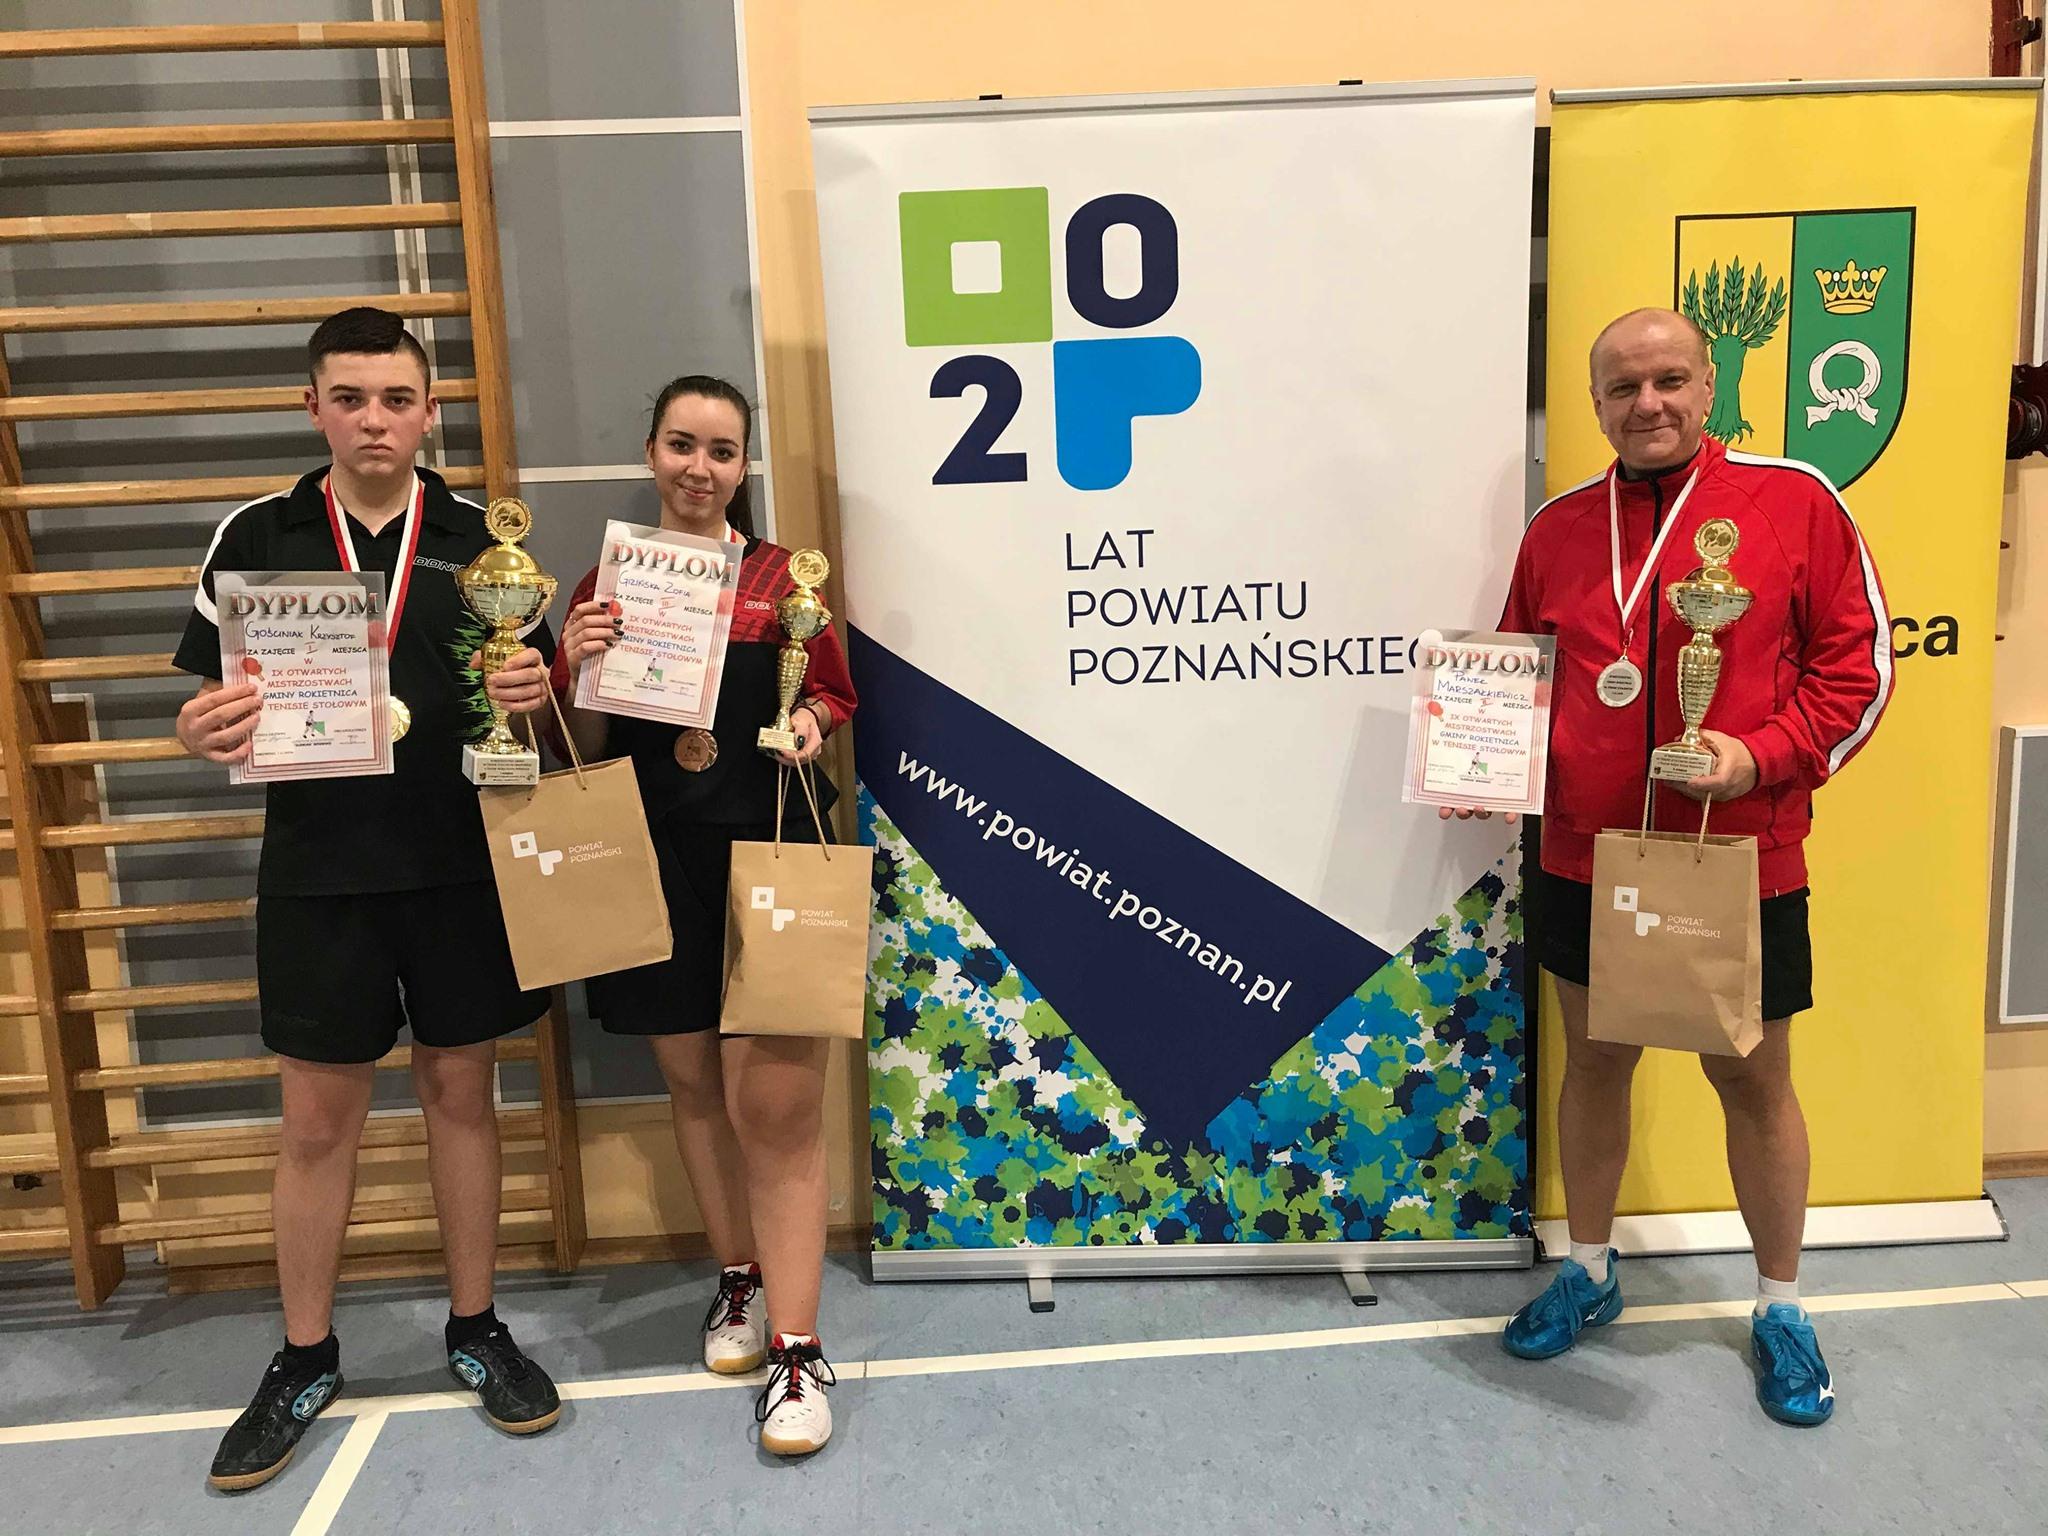 IX Mistrzostwa Gminy Amatorów w tenisie stołowym pod honorowym patronatem wójta gminy Rokietnica. Zawodnicy startujący w kategorii mężczyzn powyżej 18 lat prezentujący nagrody.